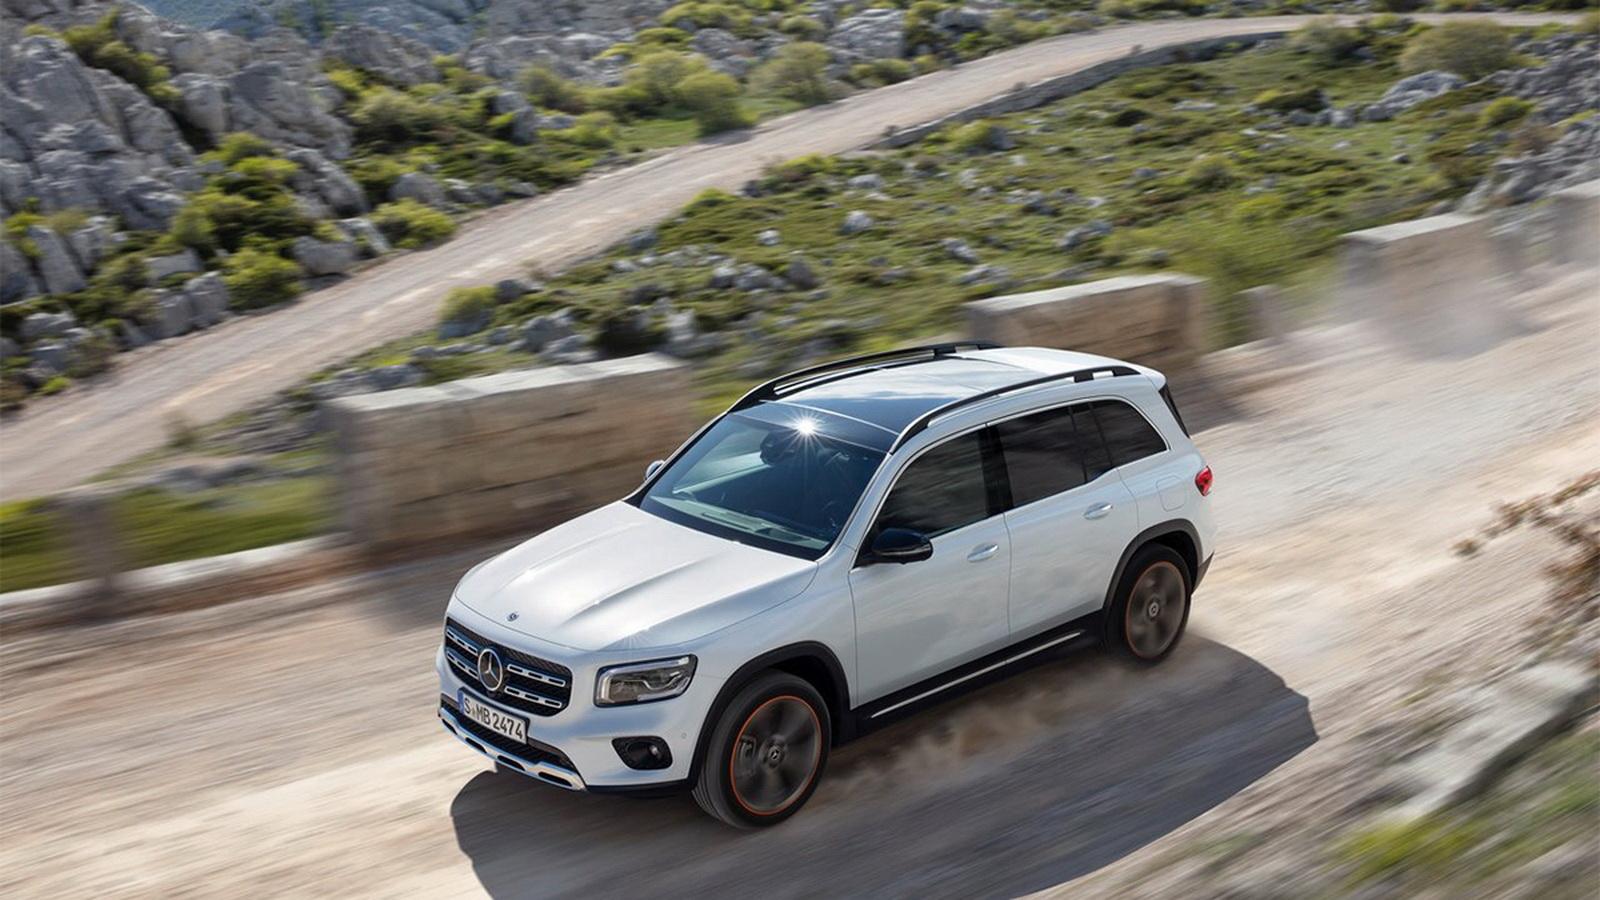 圖/2020 M-Benz GLB 200d搭載2.0升渦輪增壓柴油引擎,搭配DCT雙離合器八速自手排變速箱,具備150hp/32.6kgm的高扭力輸出表現。